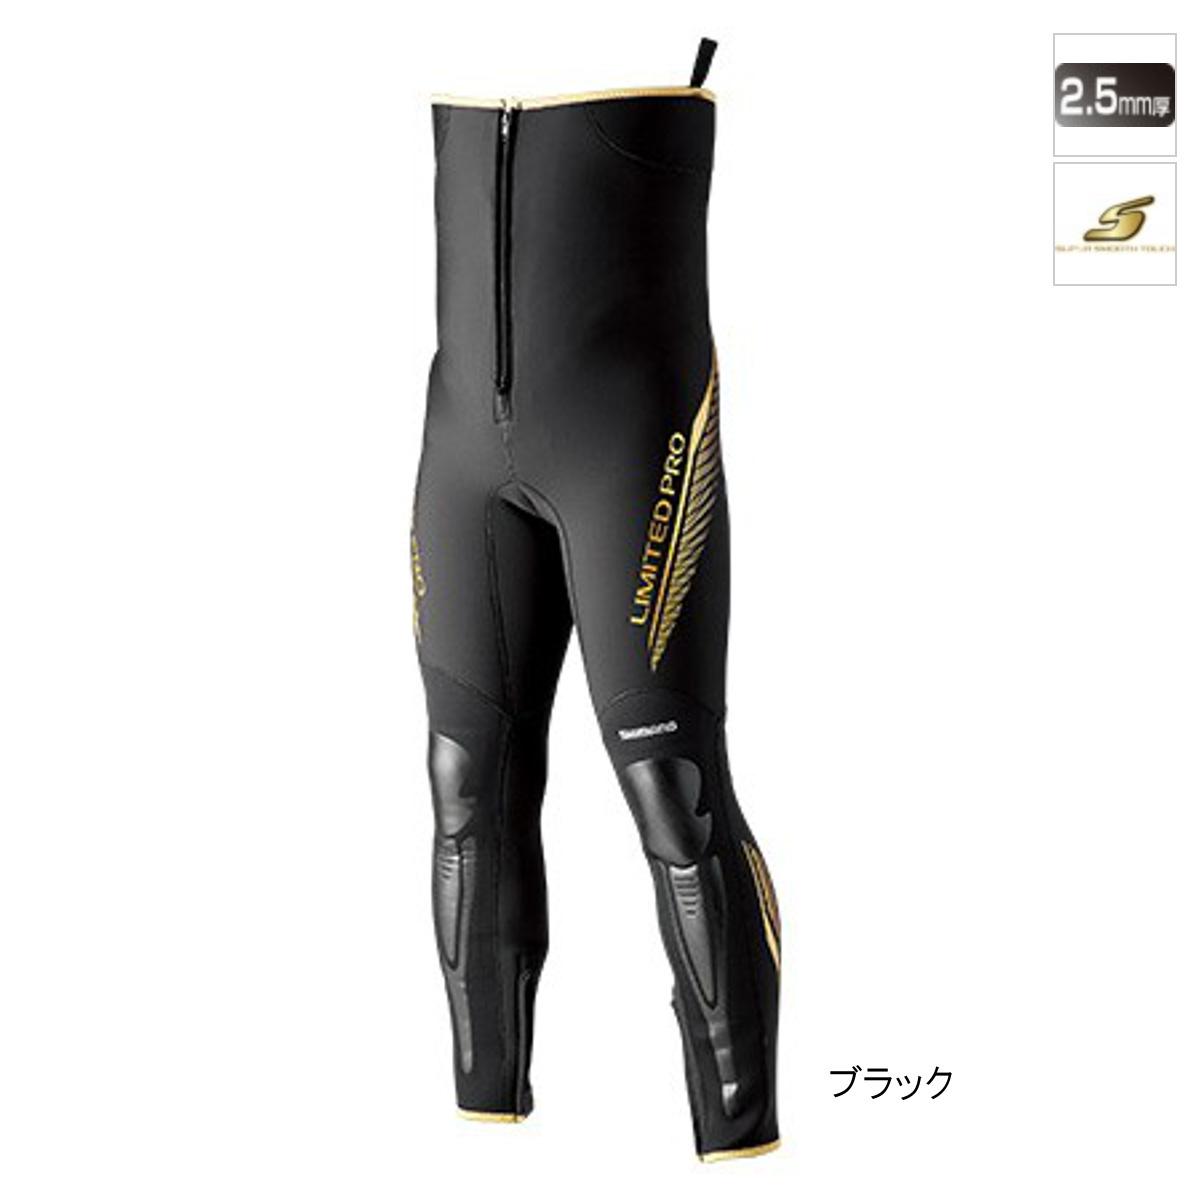 シマノ タイツリミテッドプロ FI-011S MA ブラック